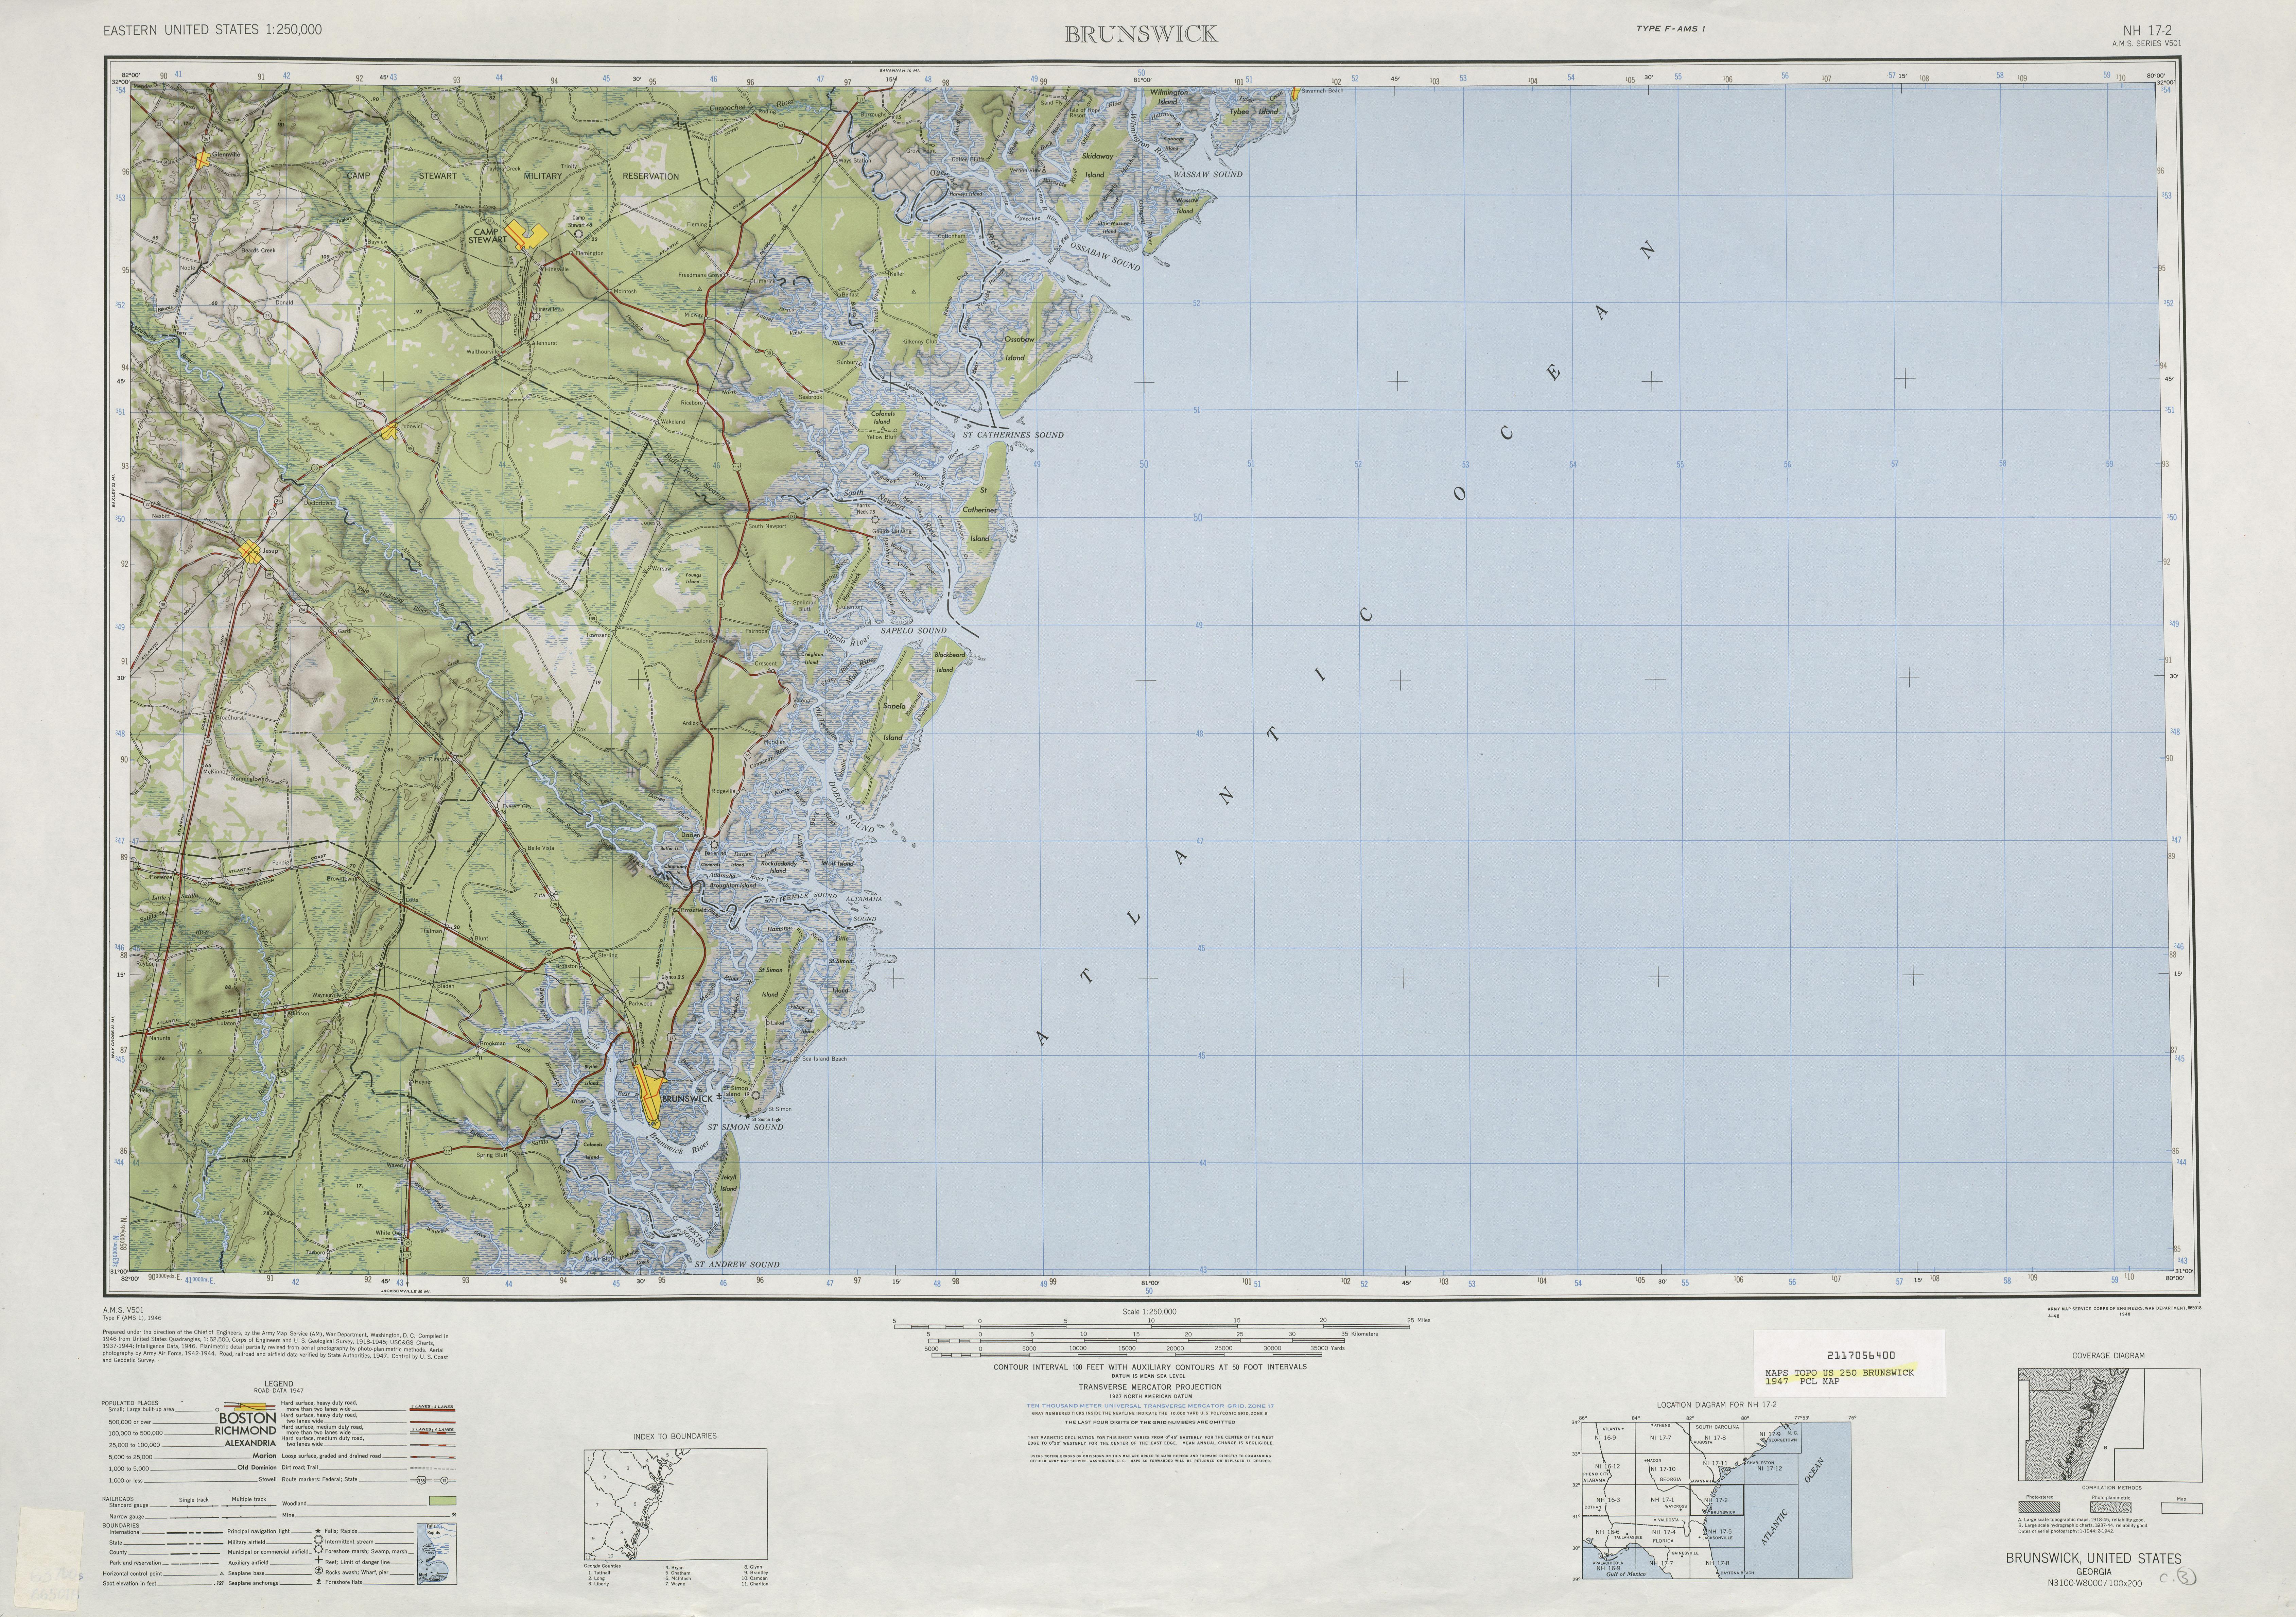 Hoja Brunswick del Mapa de Relieve Sombreado de los Estados Unidos 1947